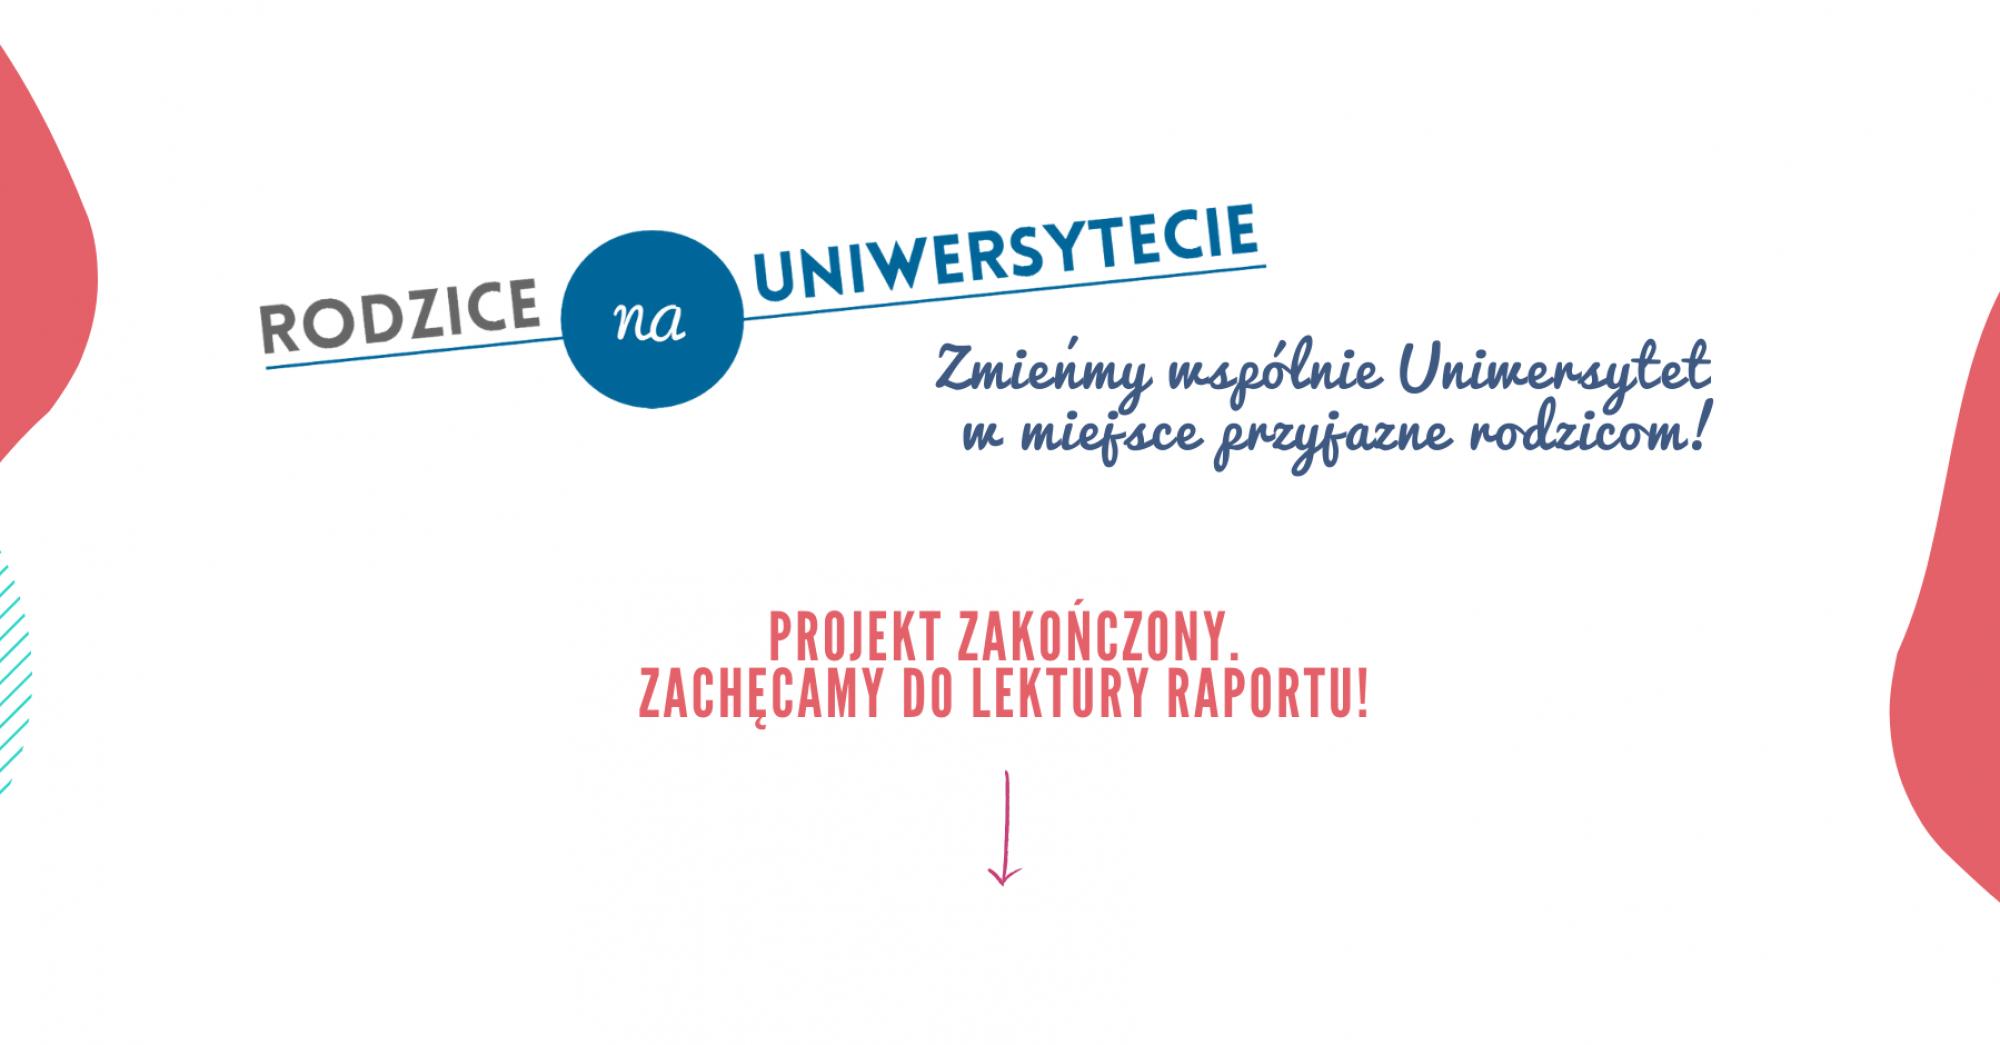 rodzice.partycypacyjny.uw.edu.pl